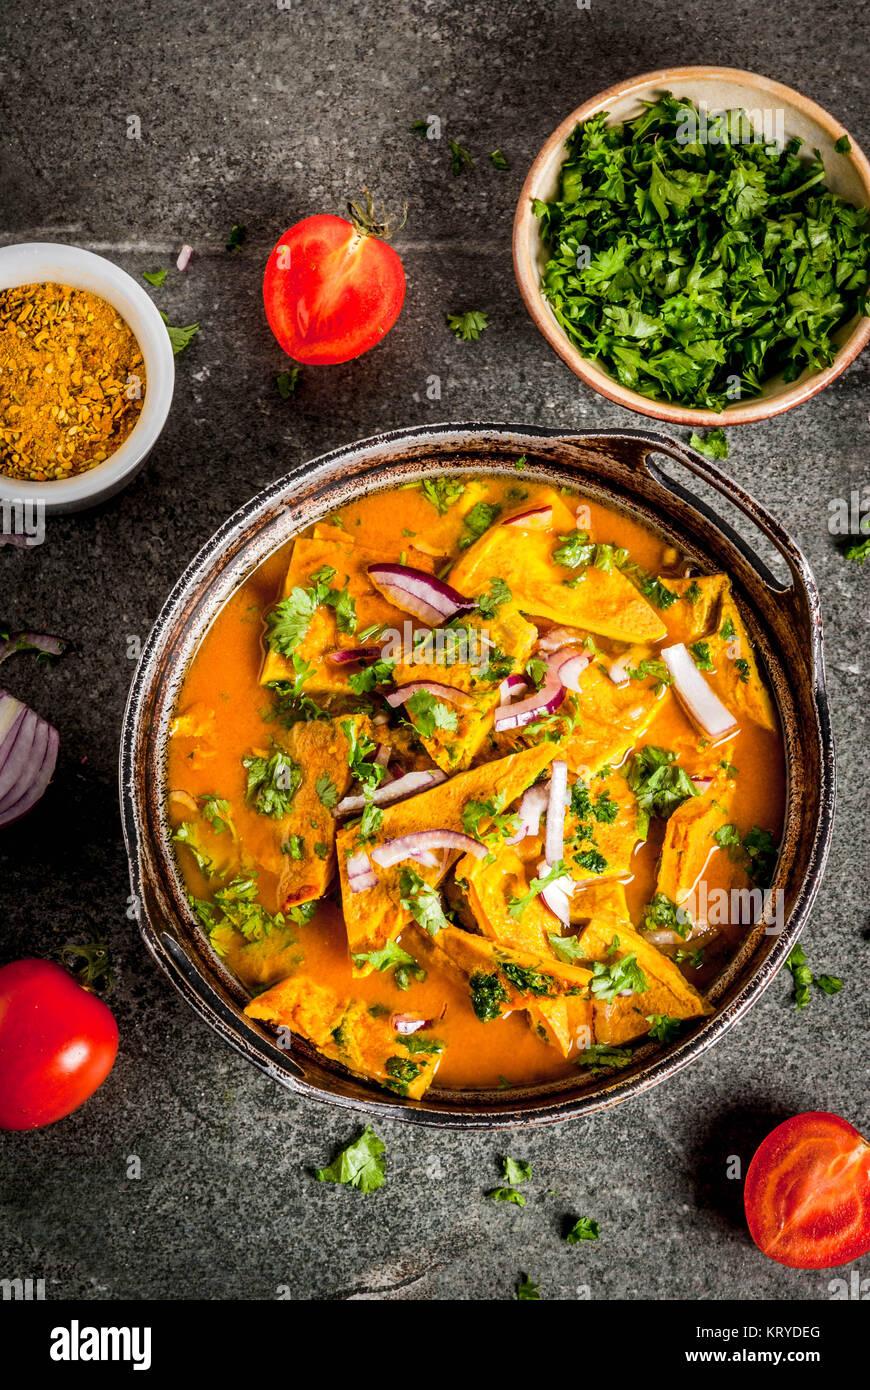 Recettes de cuisine indienne, indienne Masala omelette Scrawl, avec des légumes frais - tomate, piment, persil, Photo Stock